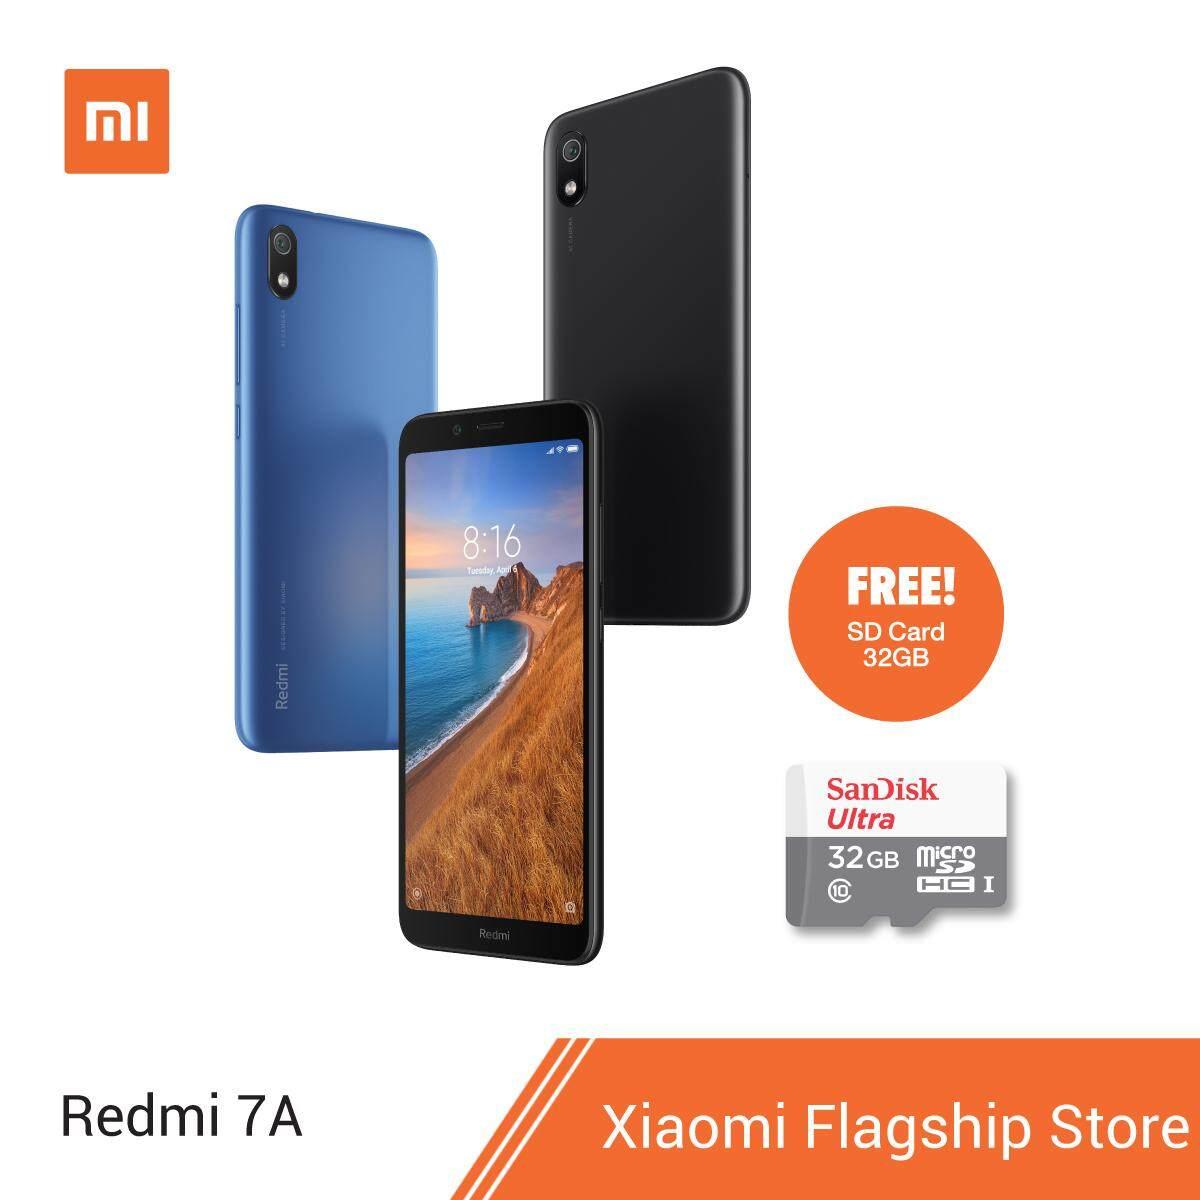 [Pre Order] Xiaomi Redmi 7A (2/16GB) ฟรี! Micro SD Card 32GB เริ่มส่งของวันที่ 11 ก.ค. เป็นต้นไป  - 09318cdf88c00f8f86cd01c6dd4b73d7 - เรื่องเล่าจาก Sekiro | ประทัดไฟของโรเบิร์ต และชีวิตอมตะของวัดเซมโปว